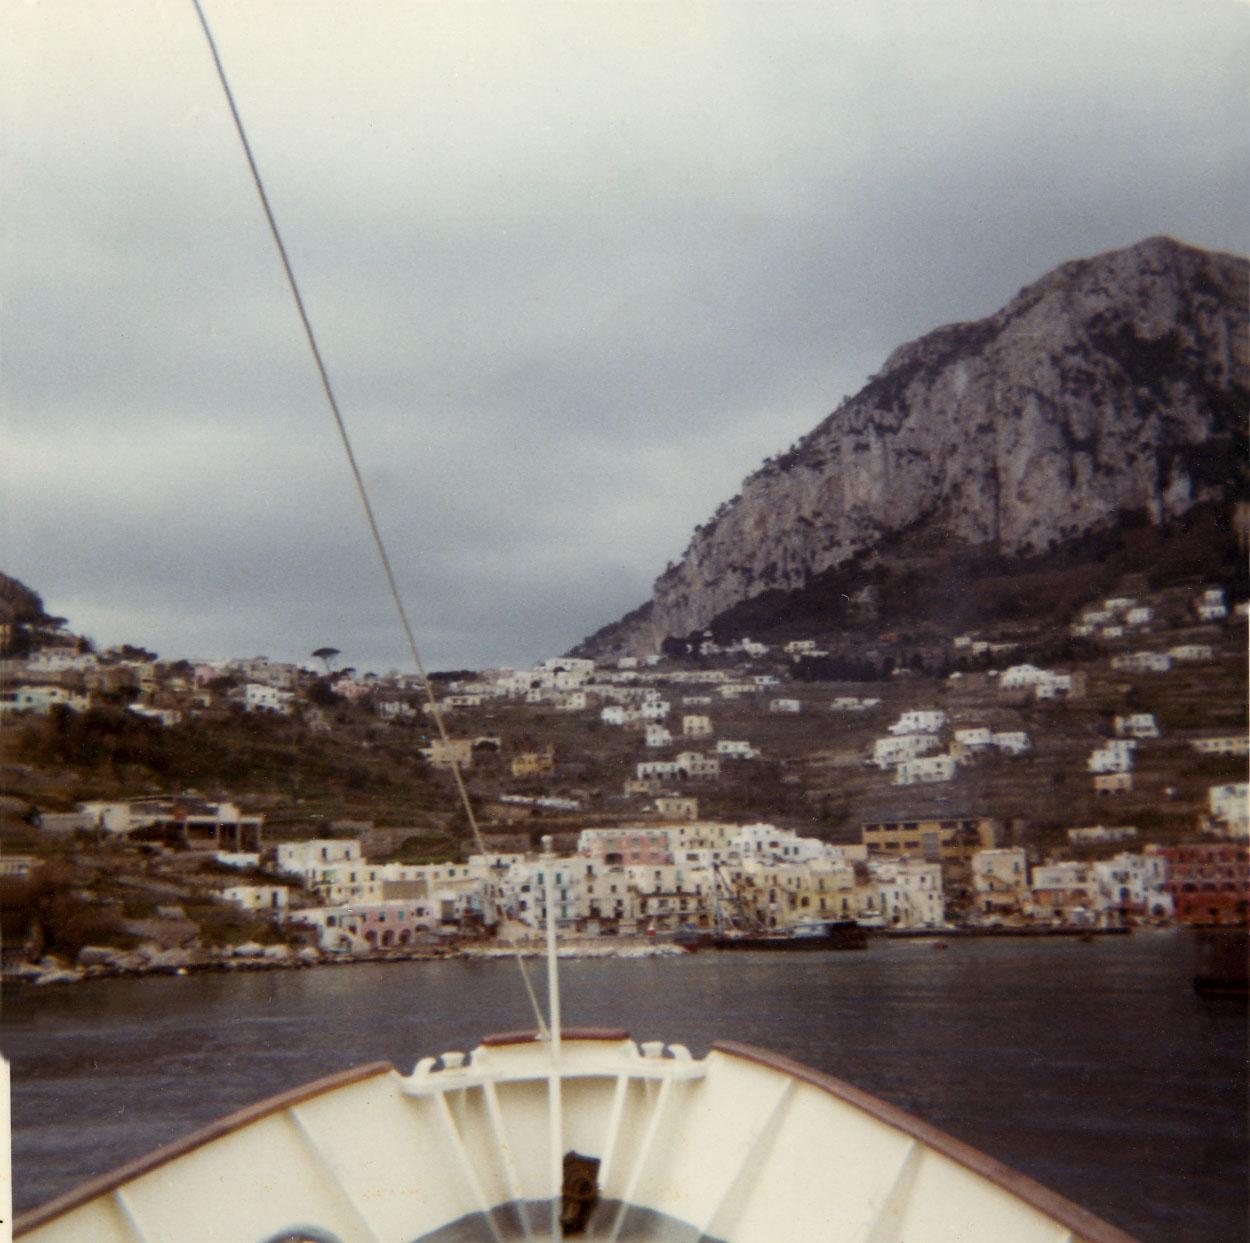 04-approaching-capri02-w